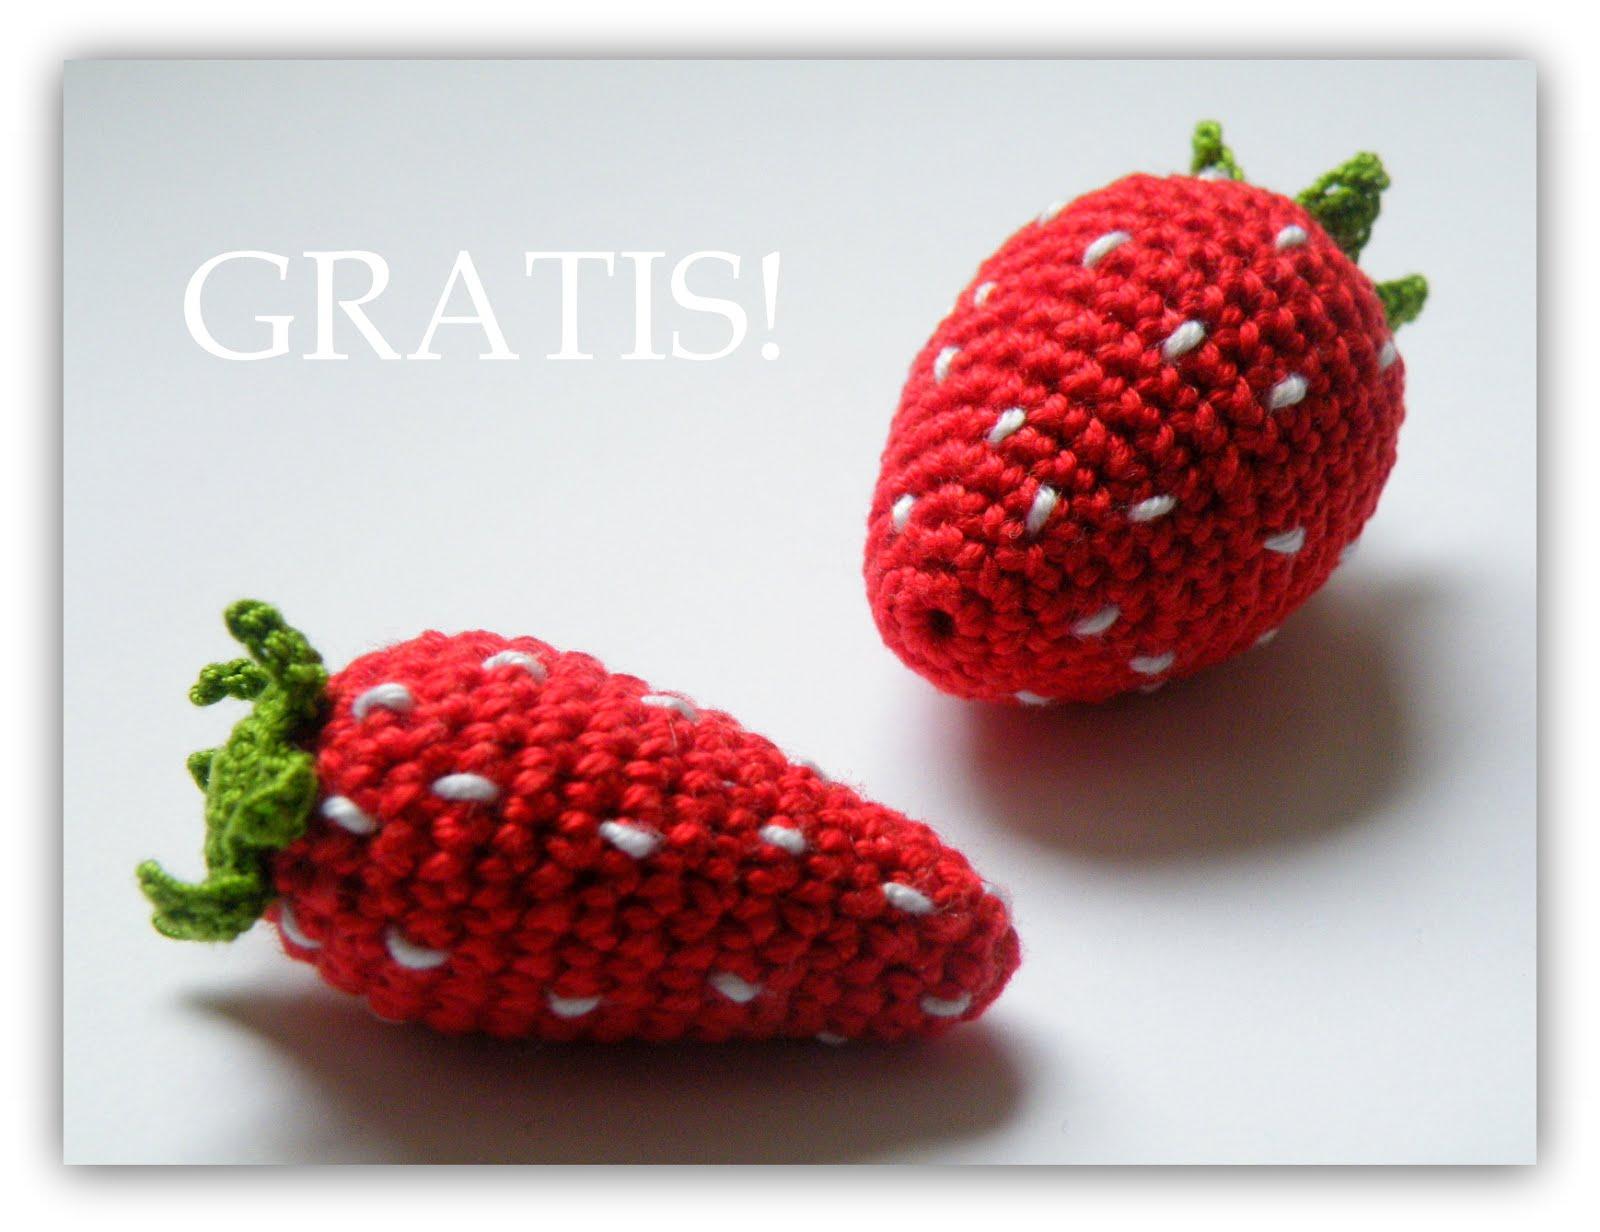 Pfiffigstes Erdbeeren, Pfiffigstes strawberries